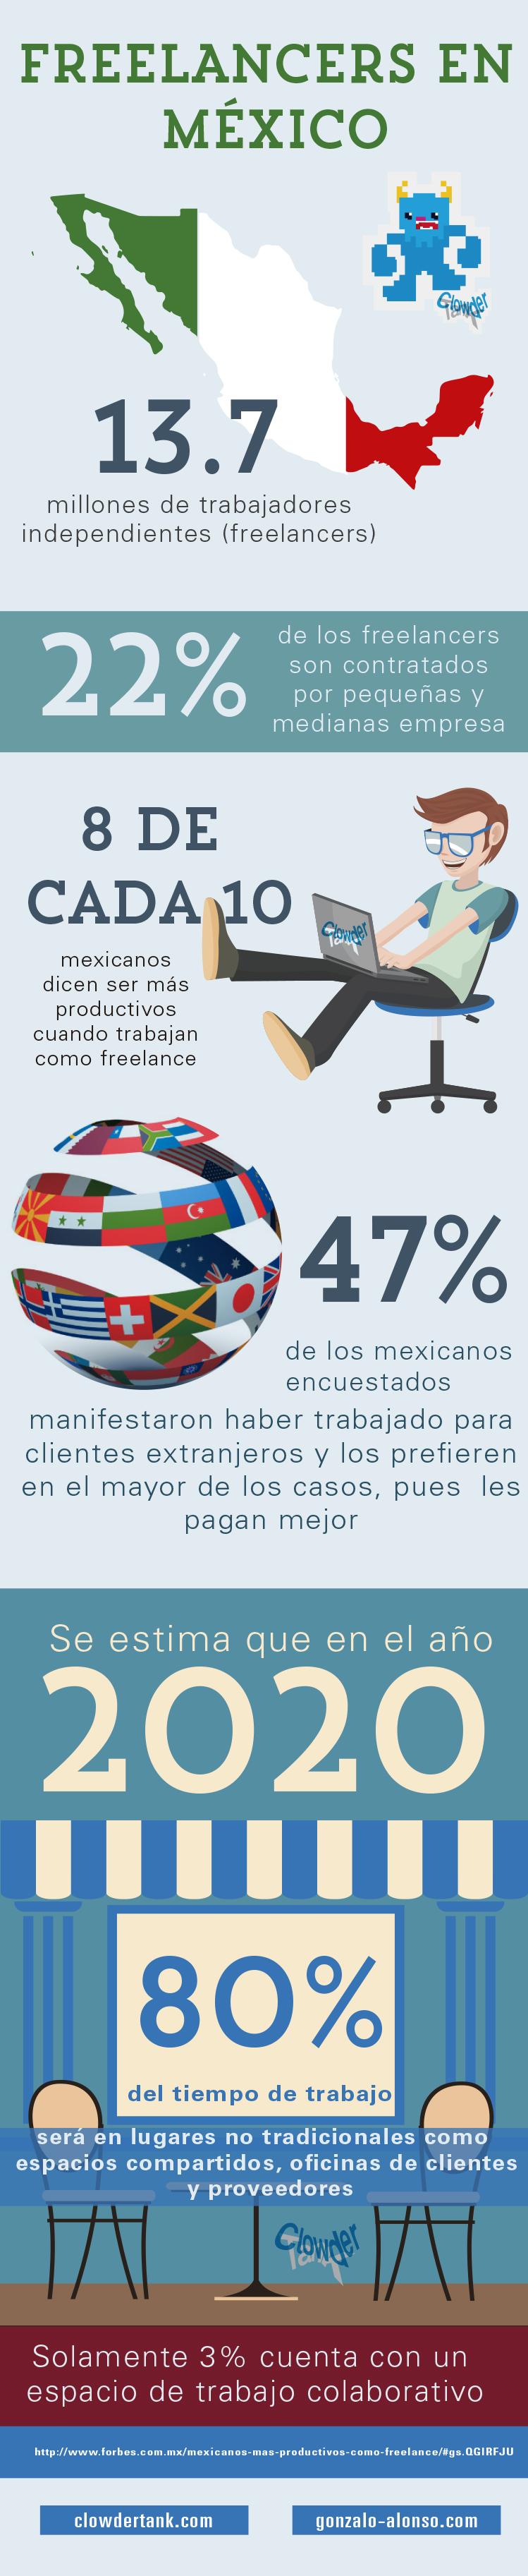 freelancer_transformacióndigital_teletrabajo_tecnología